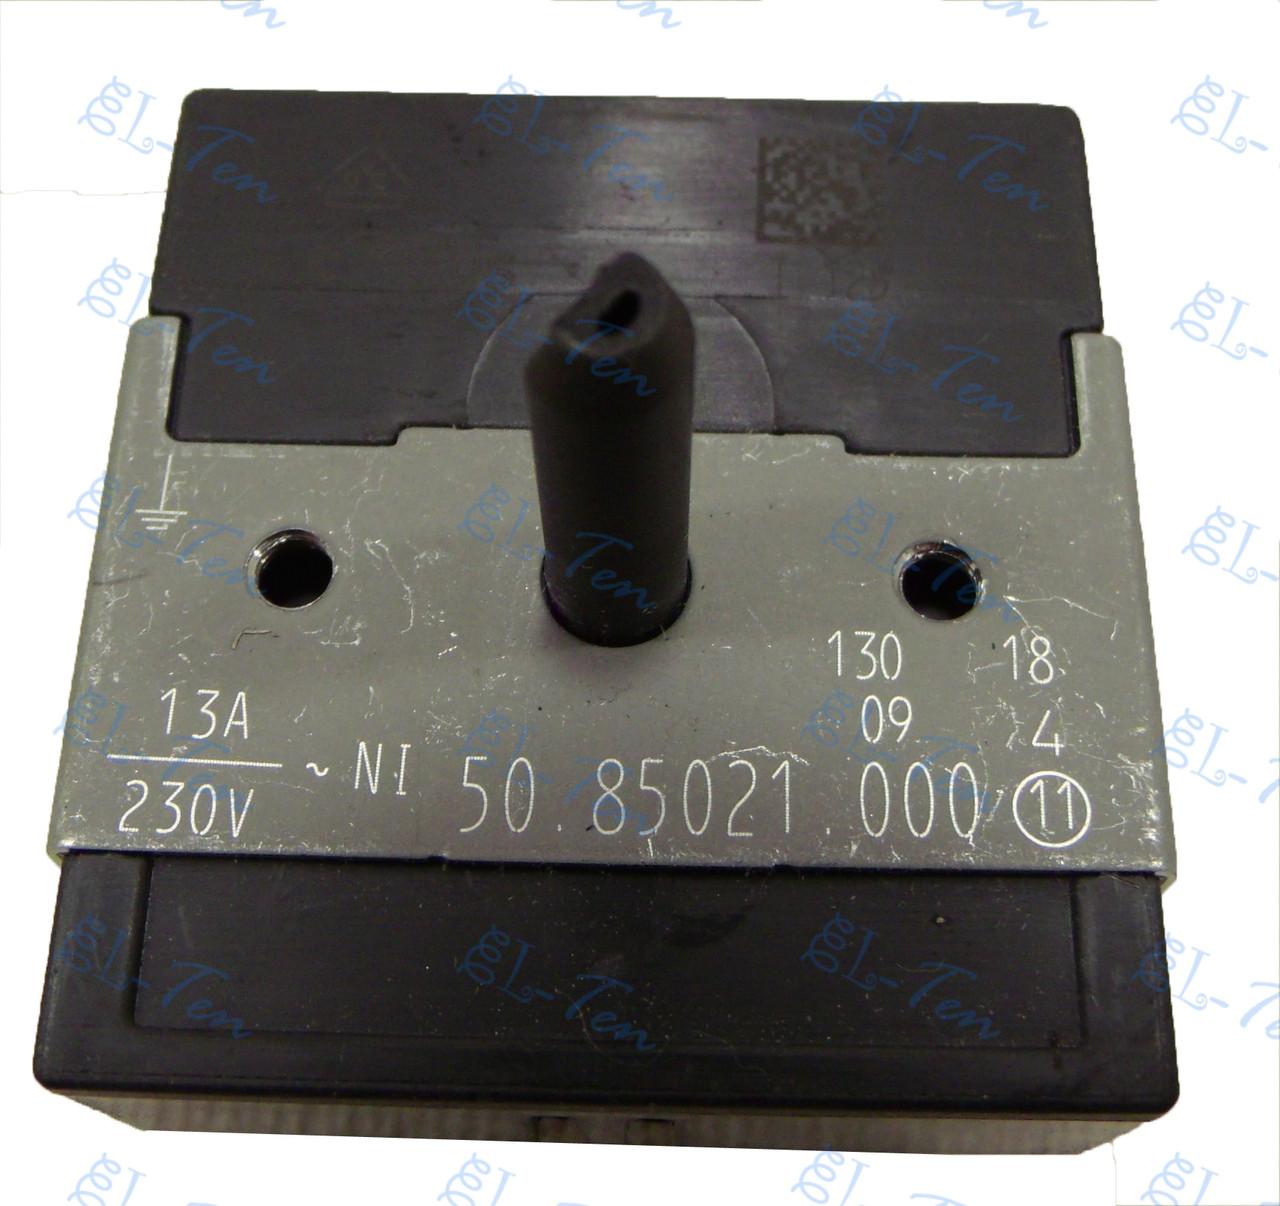 Регулятор мощности EGO- 50.85021.000 / 13А / 230V для стеклокерамических поверхностей EGO, Германия